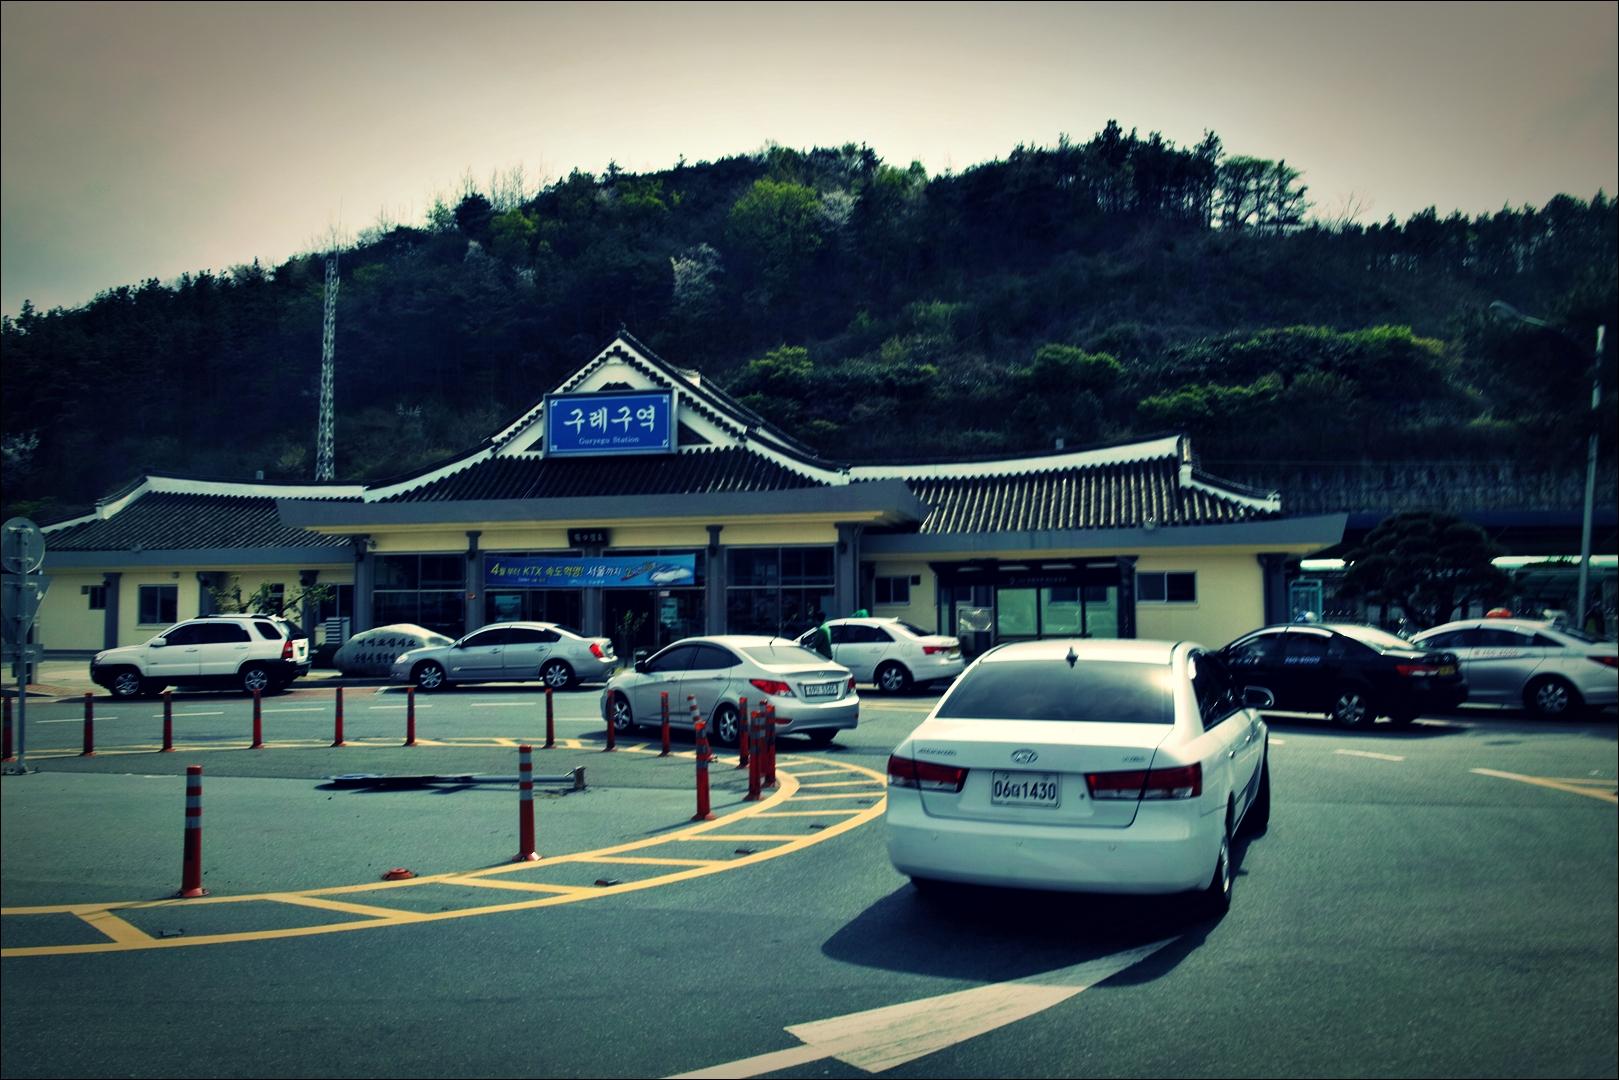 구례구역-'섬진강 자전거 여행'